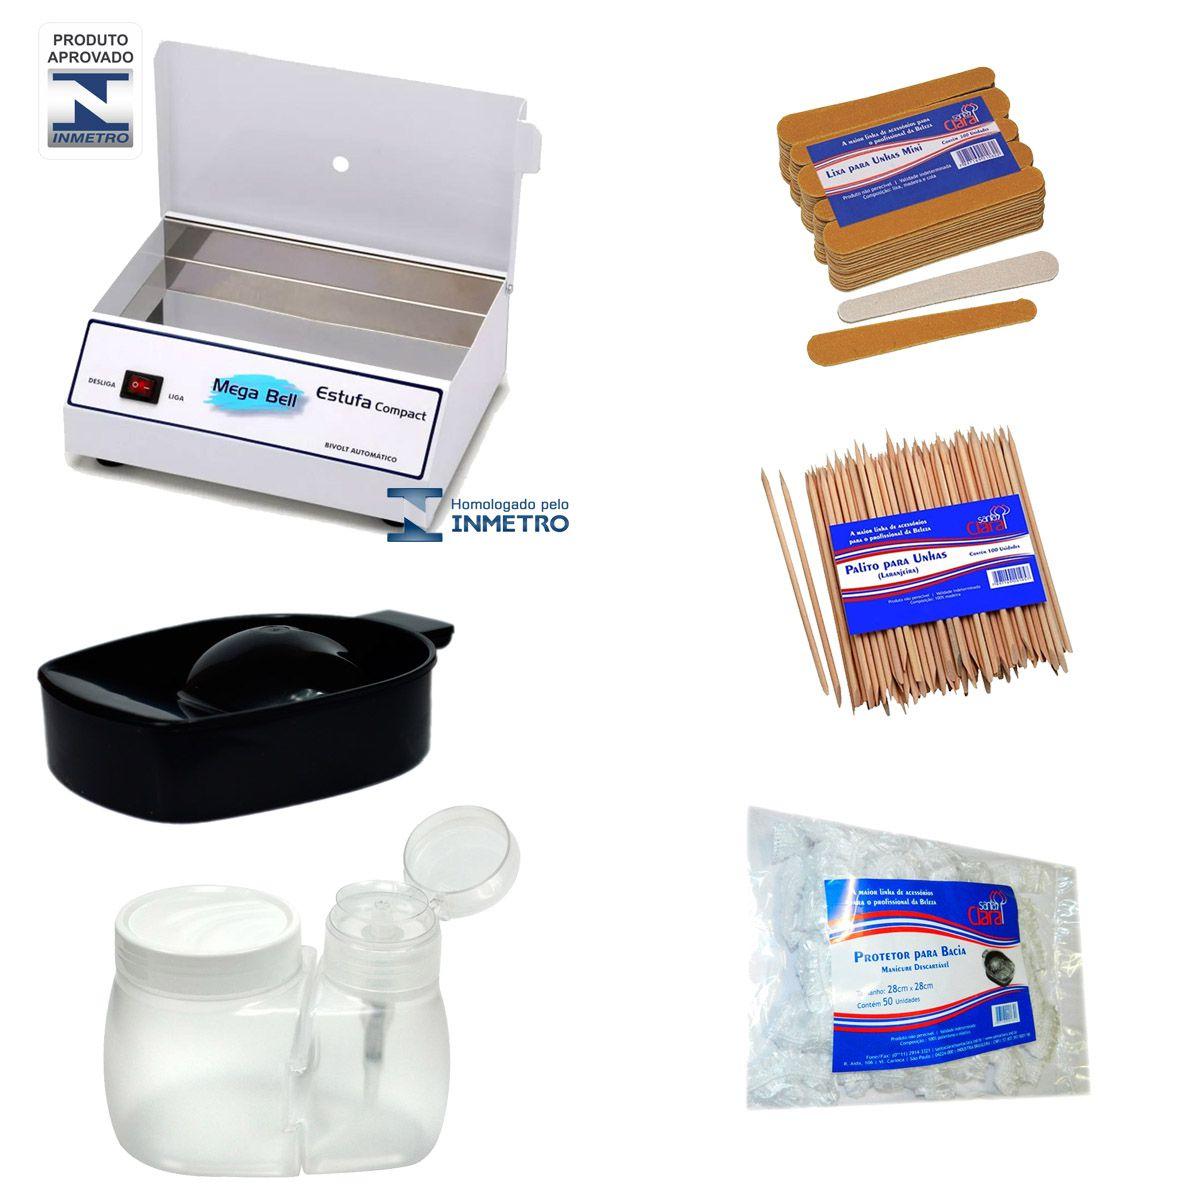 Estufa Esterilizadora Manicure Bivolt + Kit com 5 Produtos